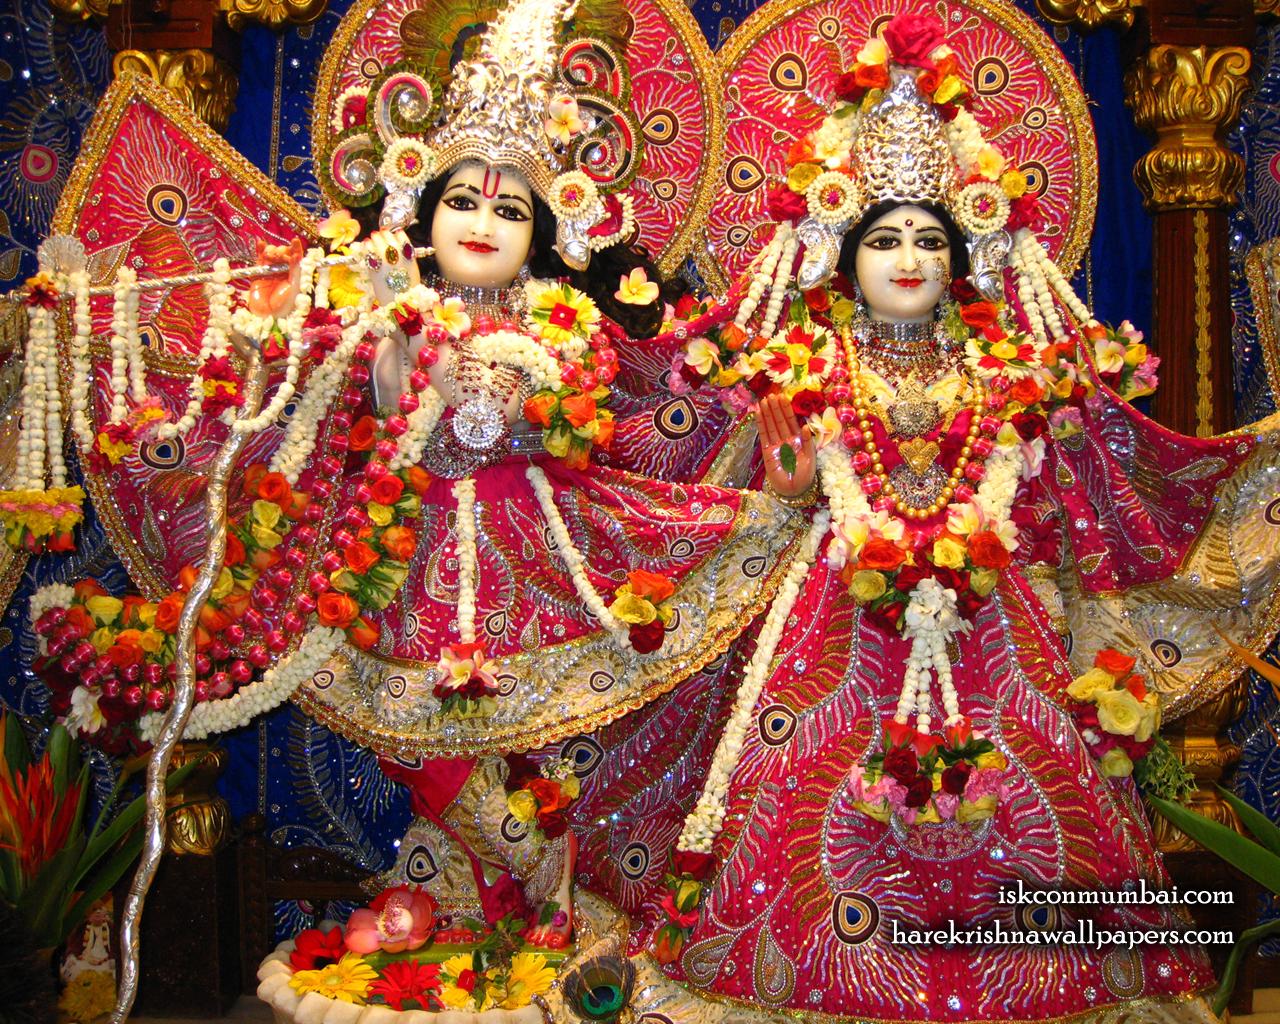 Sri Sri Radha Rasabihari Wallpaper (009) Size 1280x1024 Download